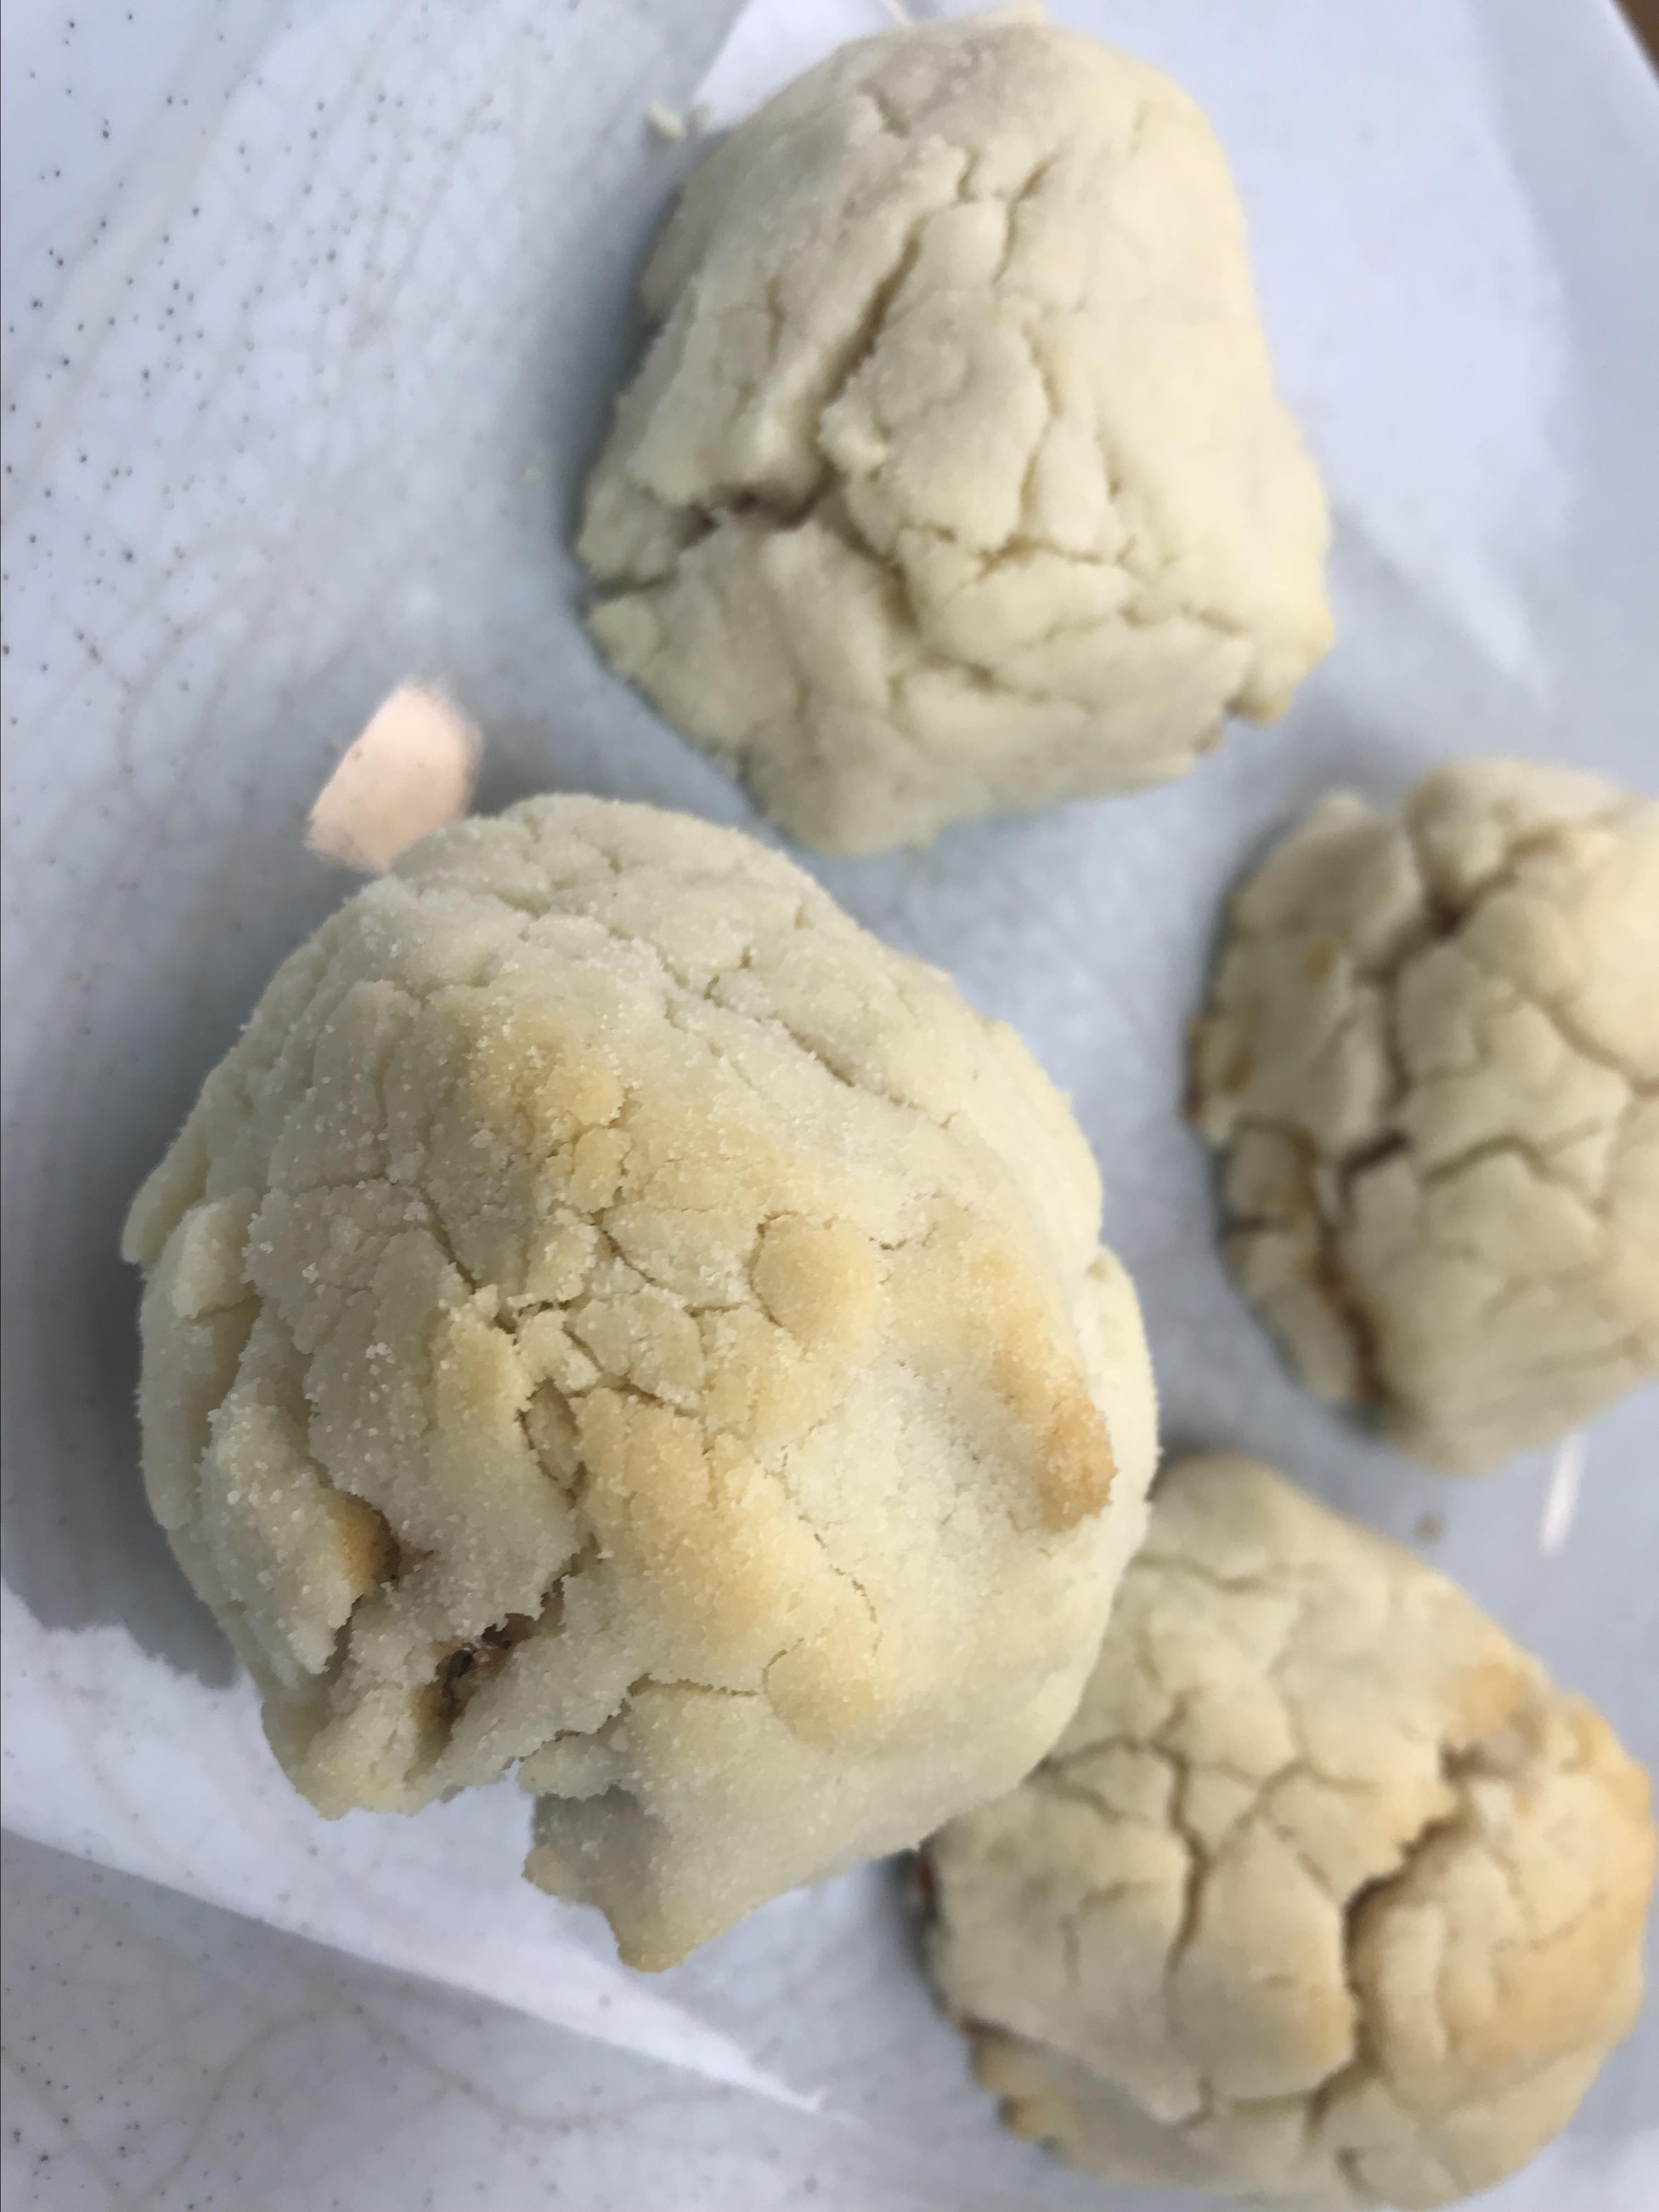 Siopao (Filipino Steamed Dumplings) senormd